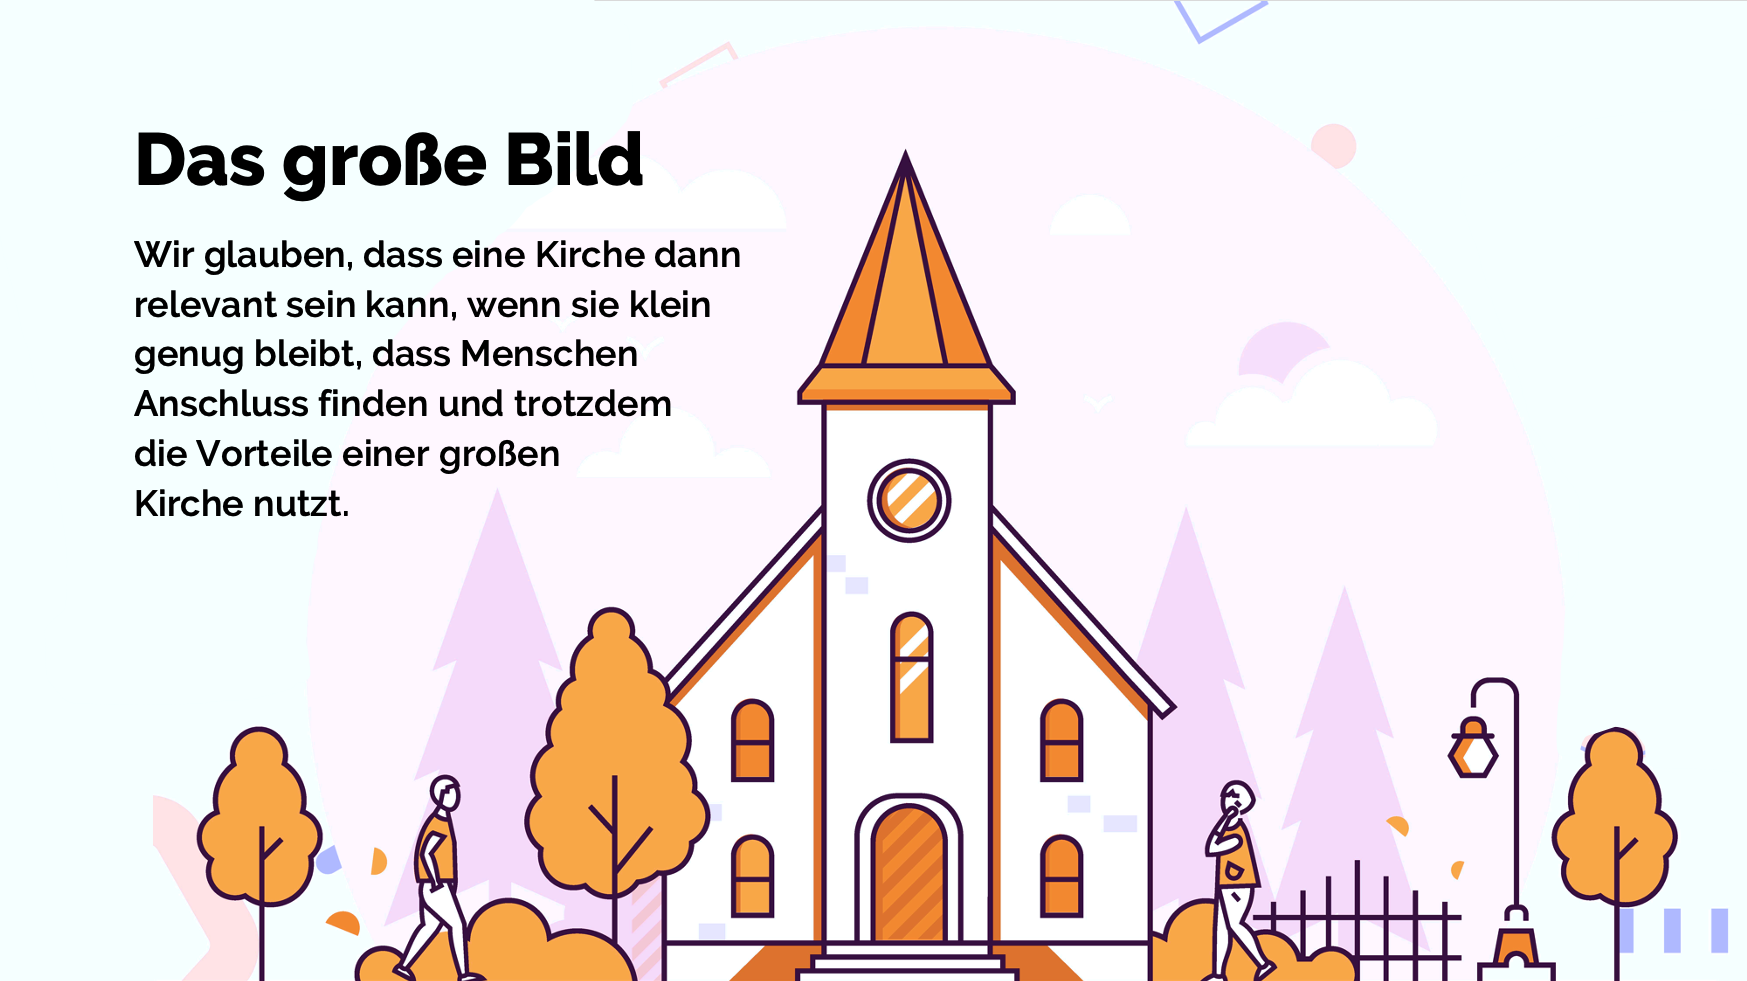 Eine Illustration einer Kirche